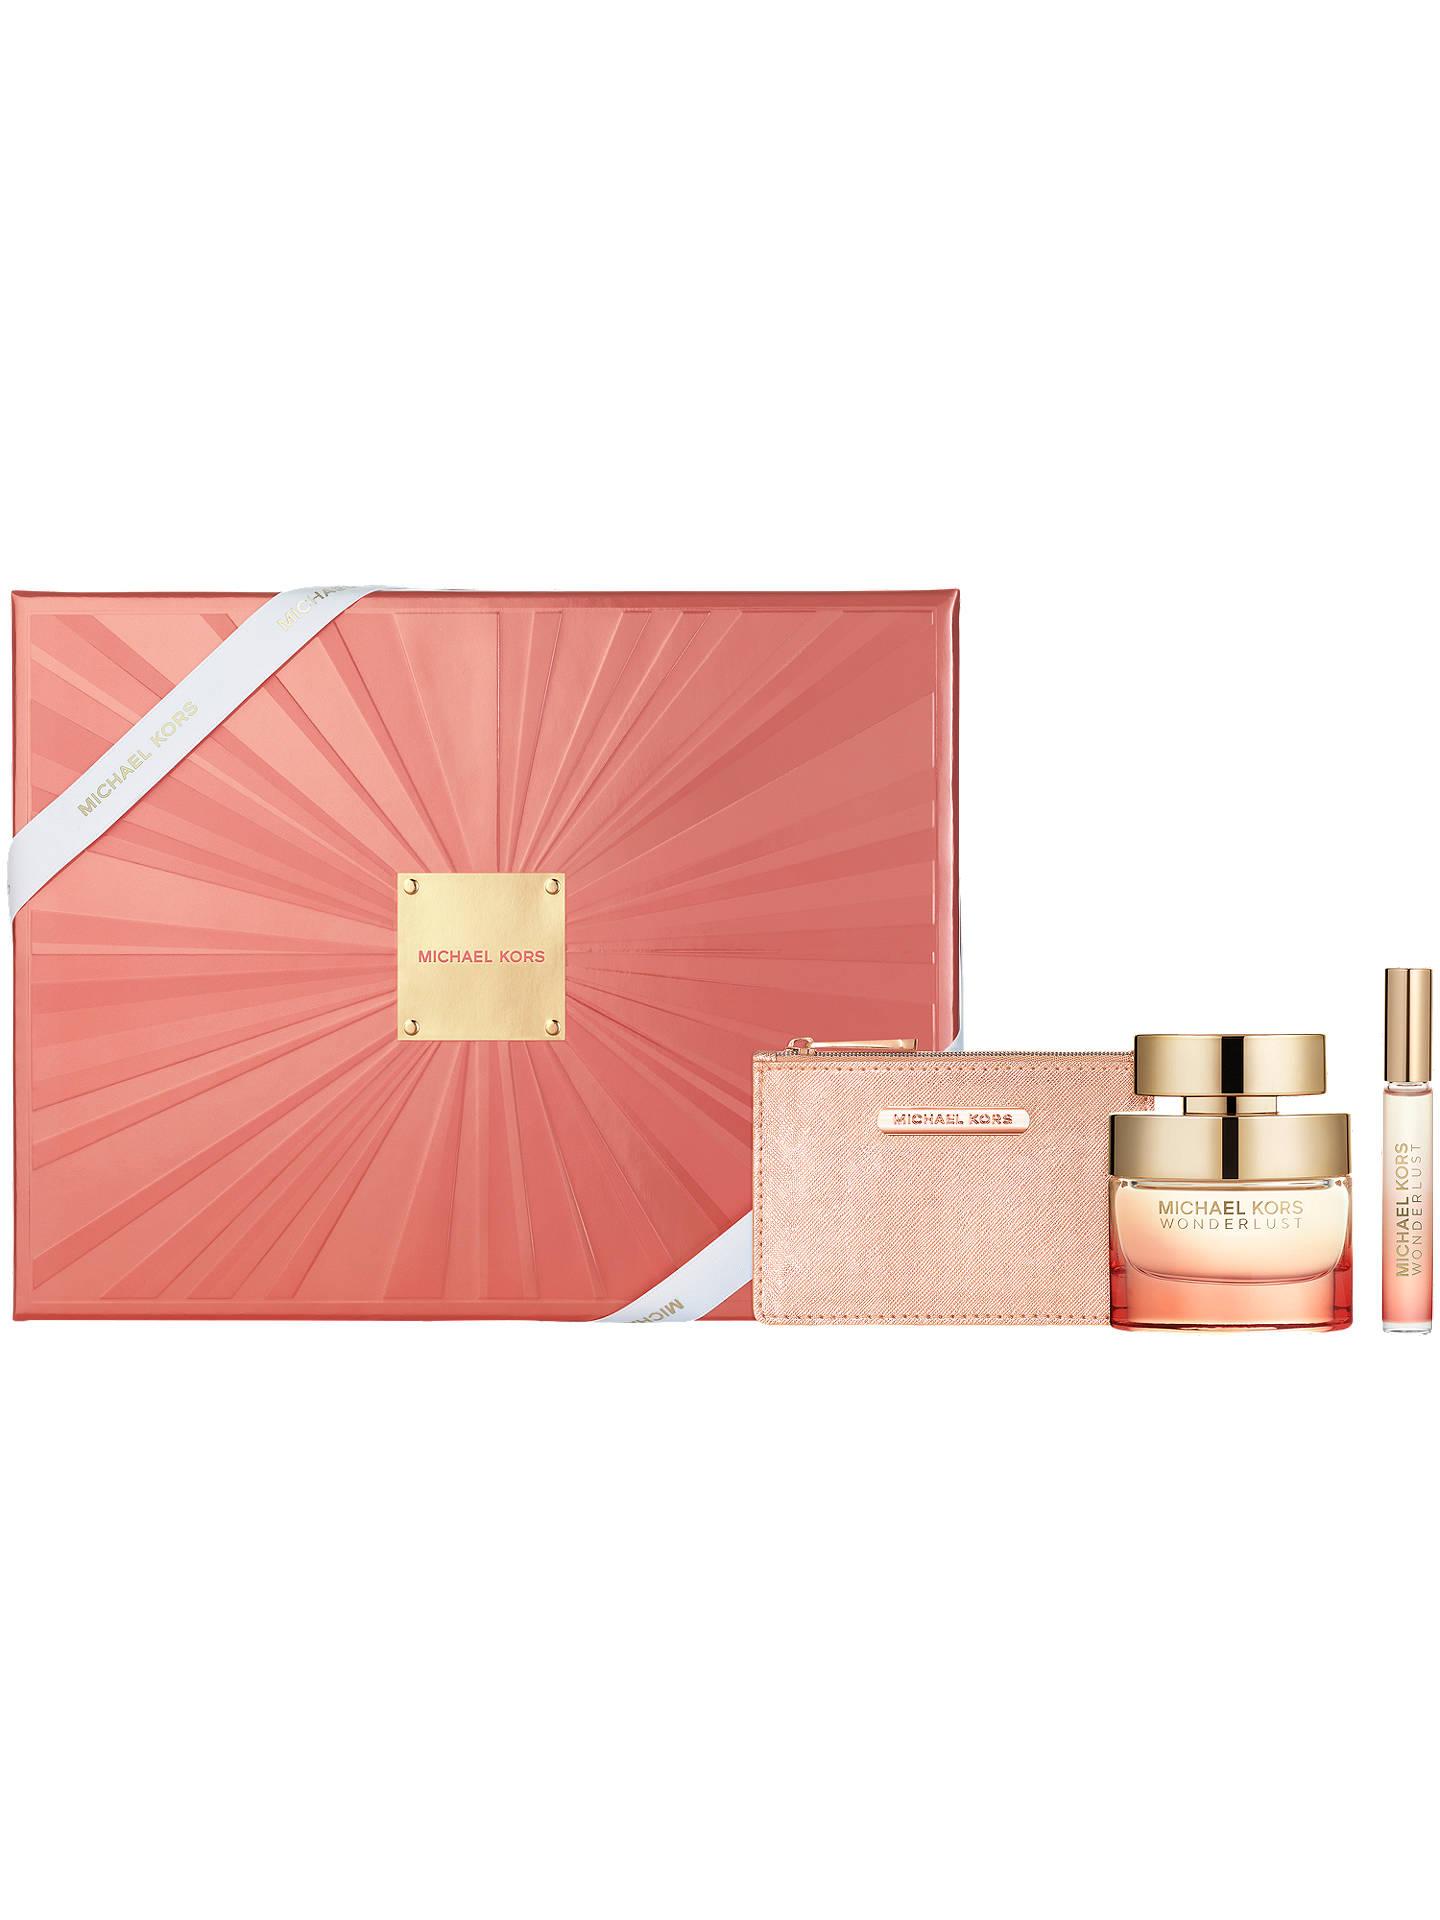 a112a3da9b88 Buy Michael Kors Wonderlust Eau de Parfum 50ml Gift Set Online at  johnlewis.com ...